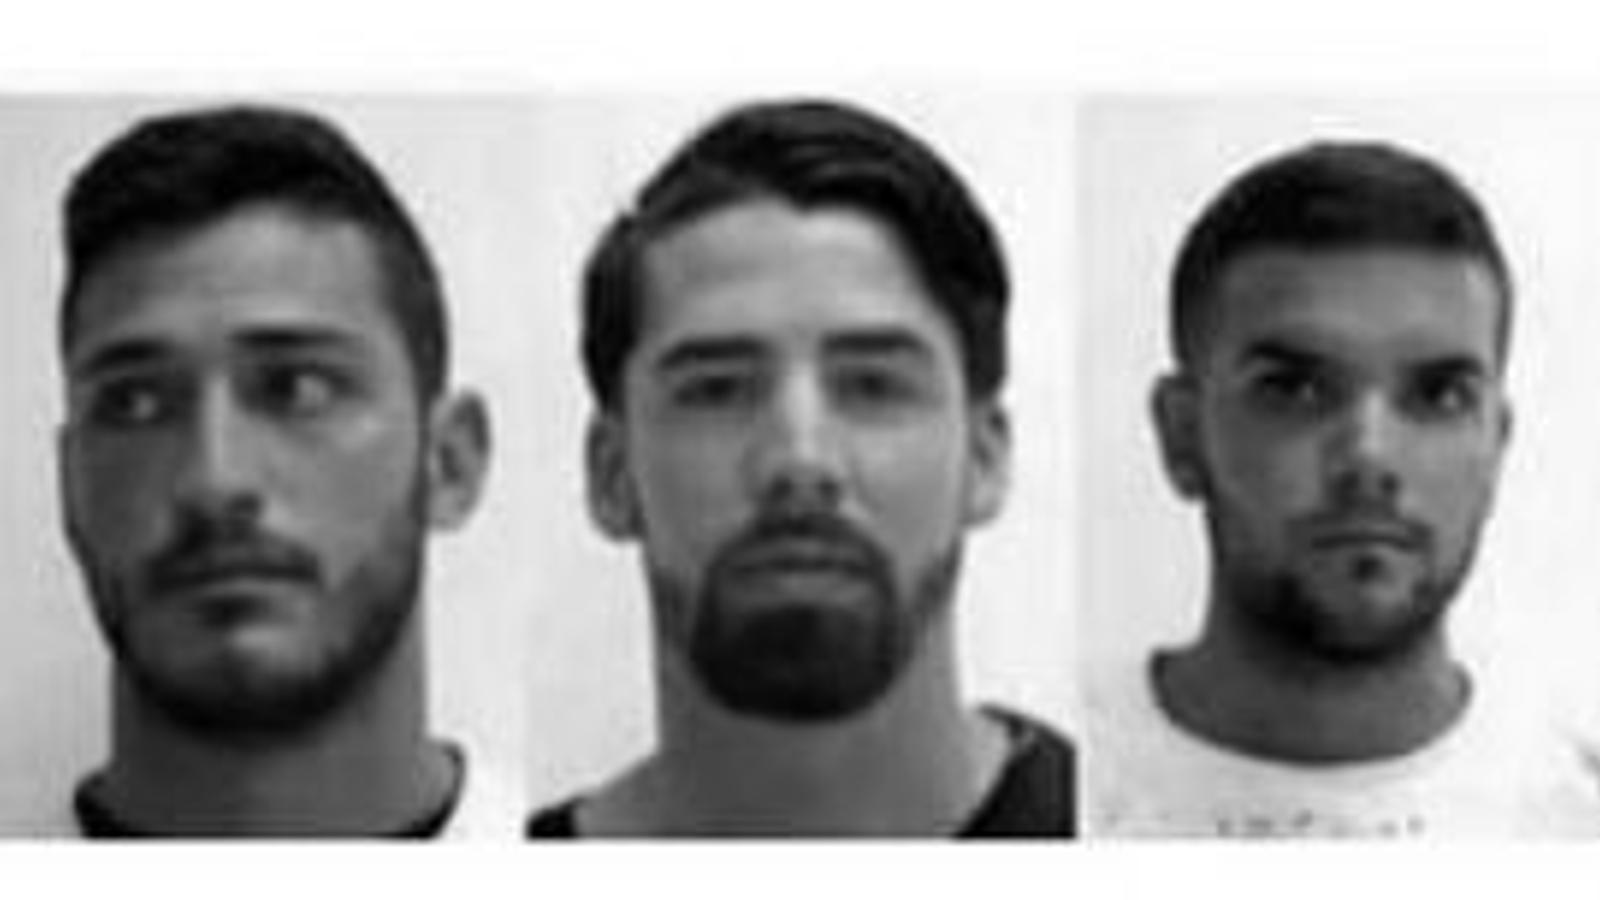 Enquesta: Davant la decisió judicial que permet la llibertat provisional als cinc condemnats de la Manada...